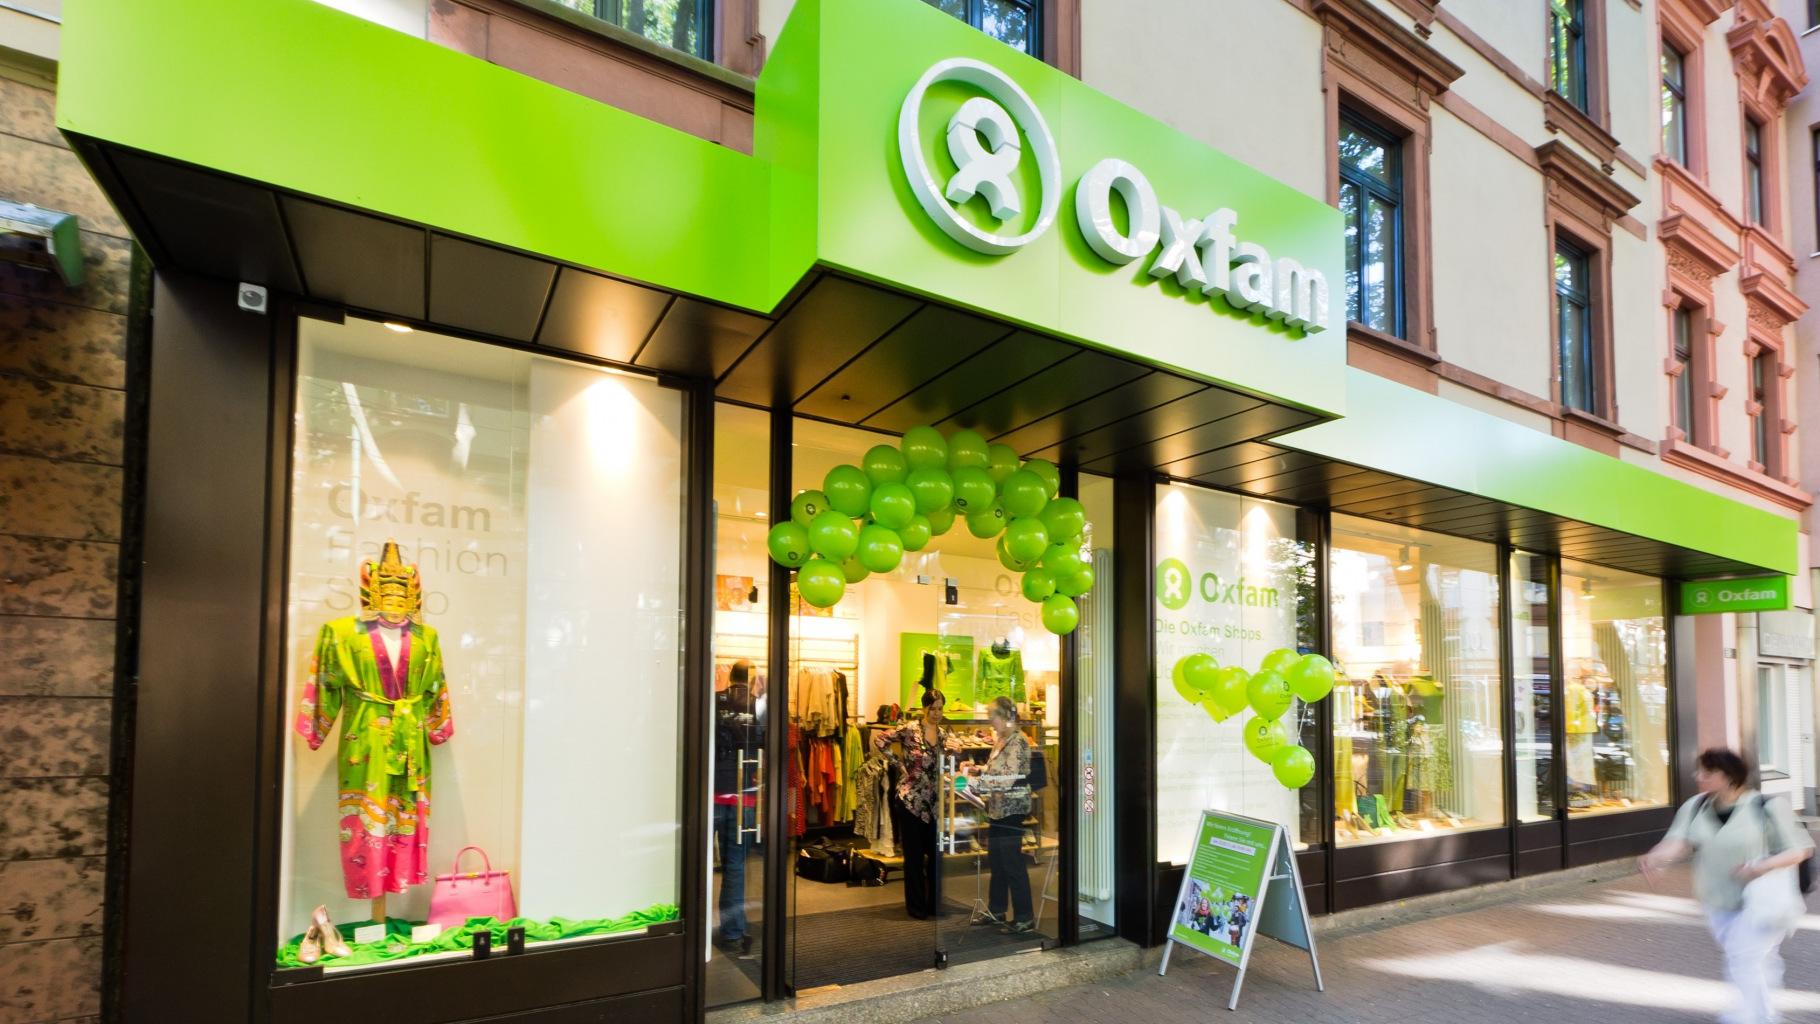 Der Oxfam Fashionshop in Frankfurt-Sachsenhausen von außen.